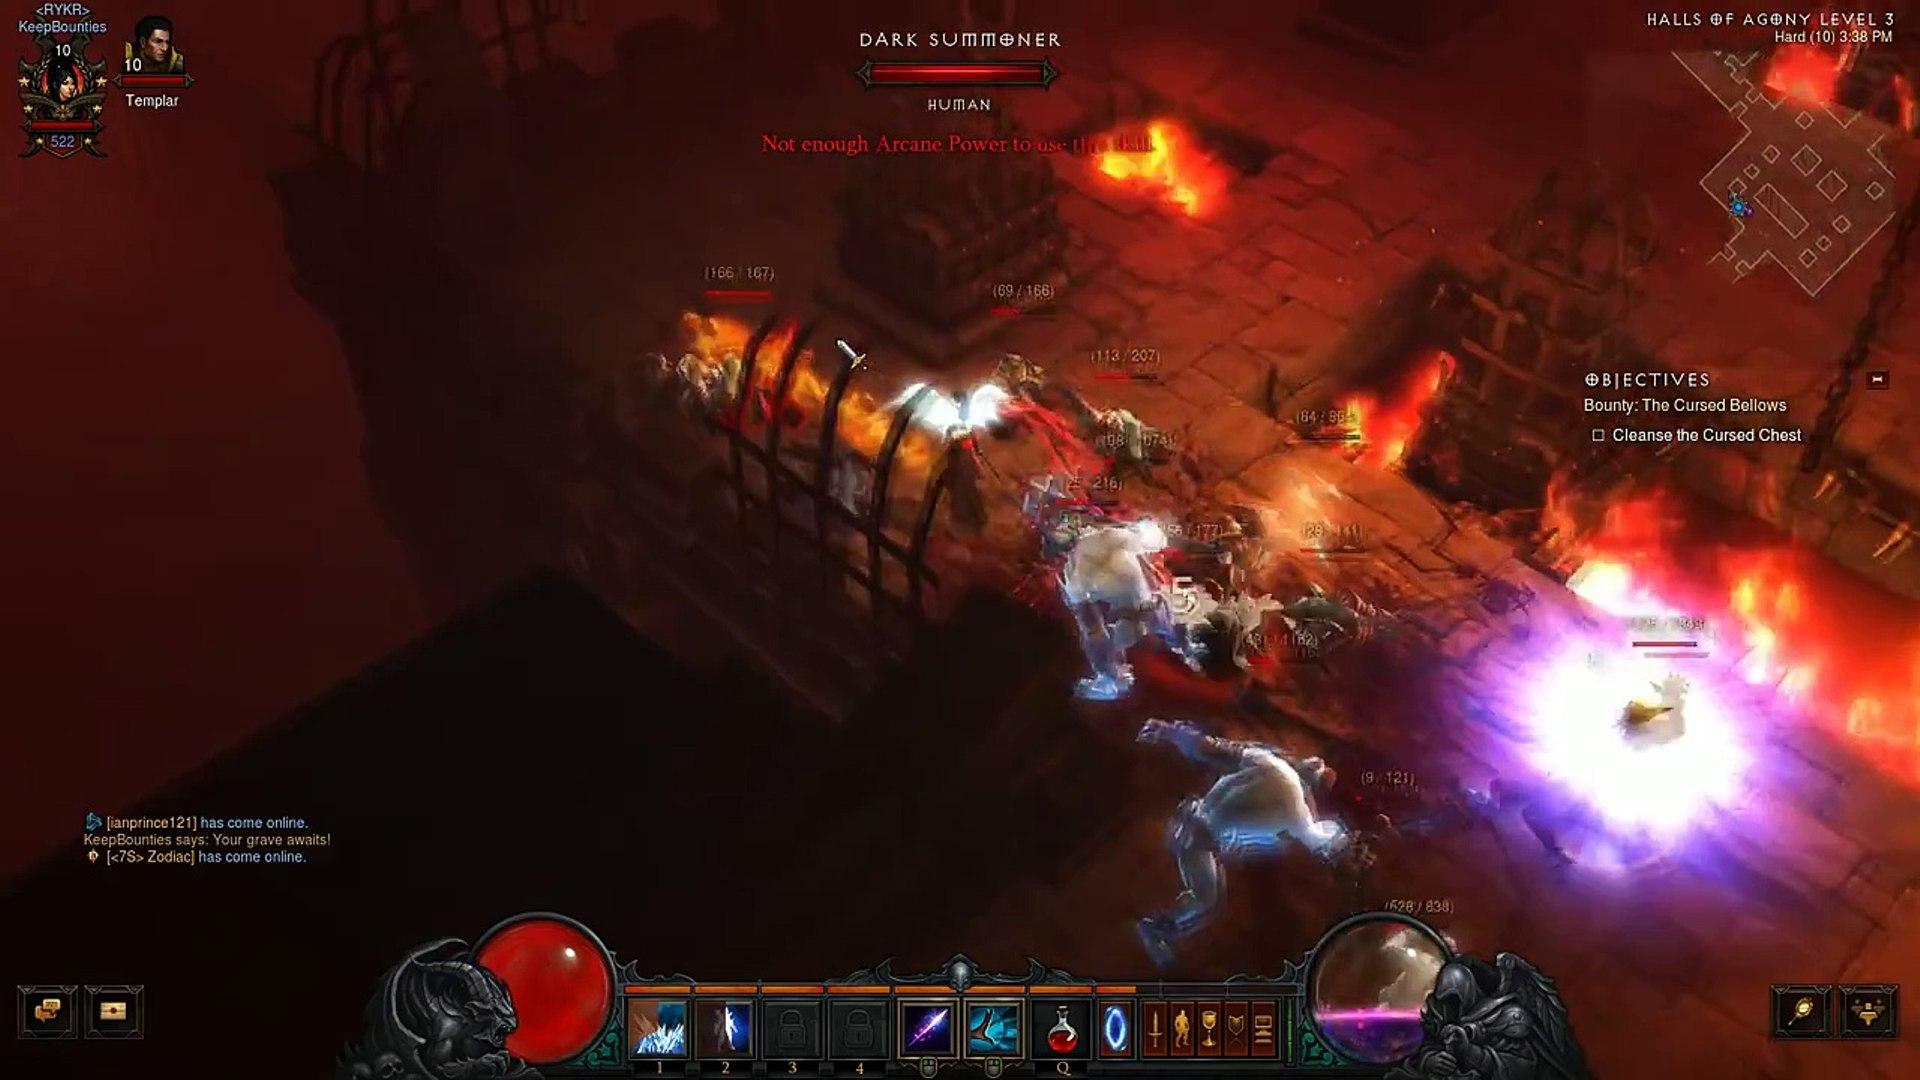 Diablo 3 Leveling Spreadsheet Regarding Pro Tricks For Fast Leveling In Season 3 Patch 2.2 Diablo 3: Reaper